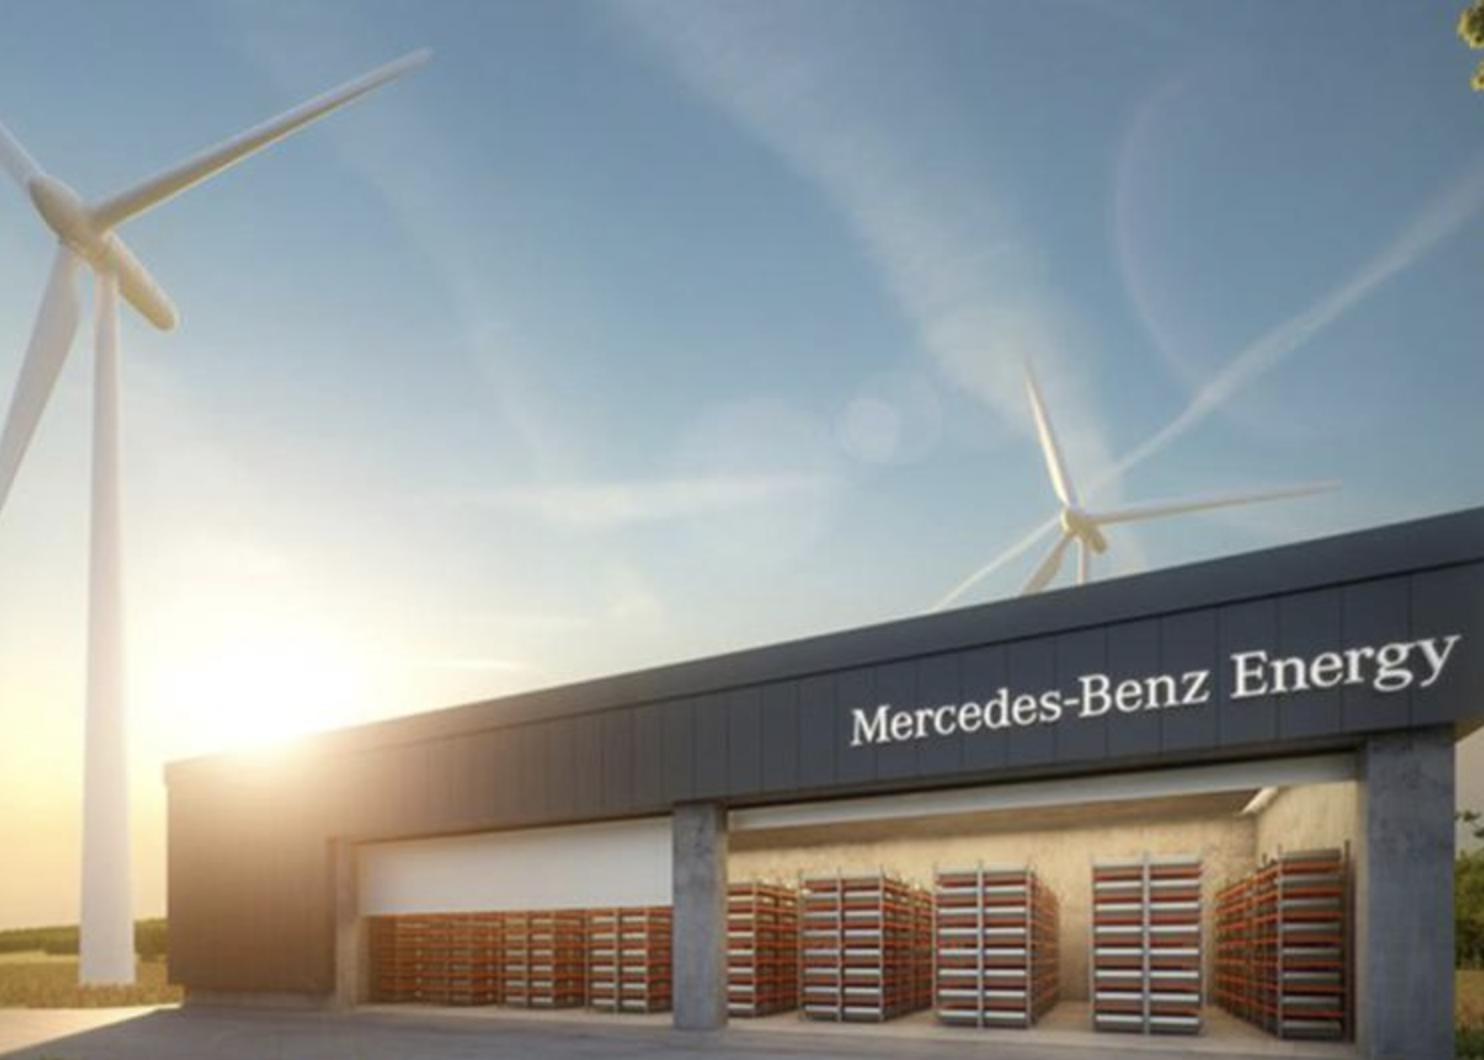 北汽新能源与奔驰能源公司共同布局能源生态管理